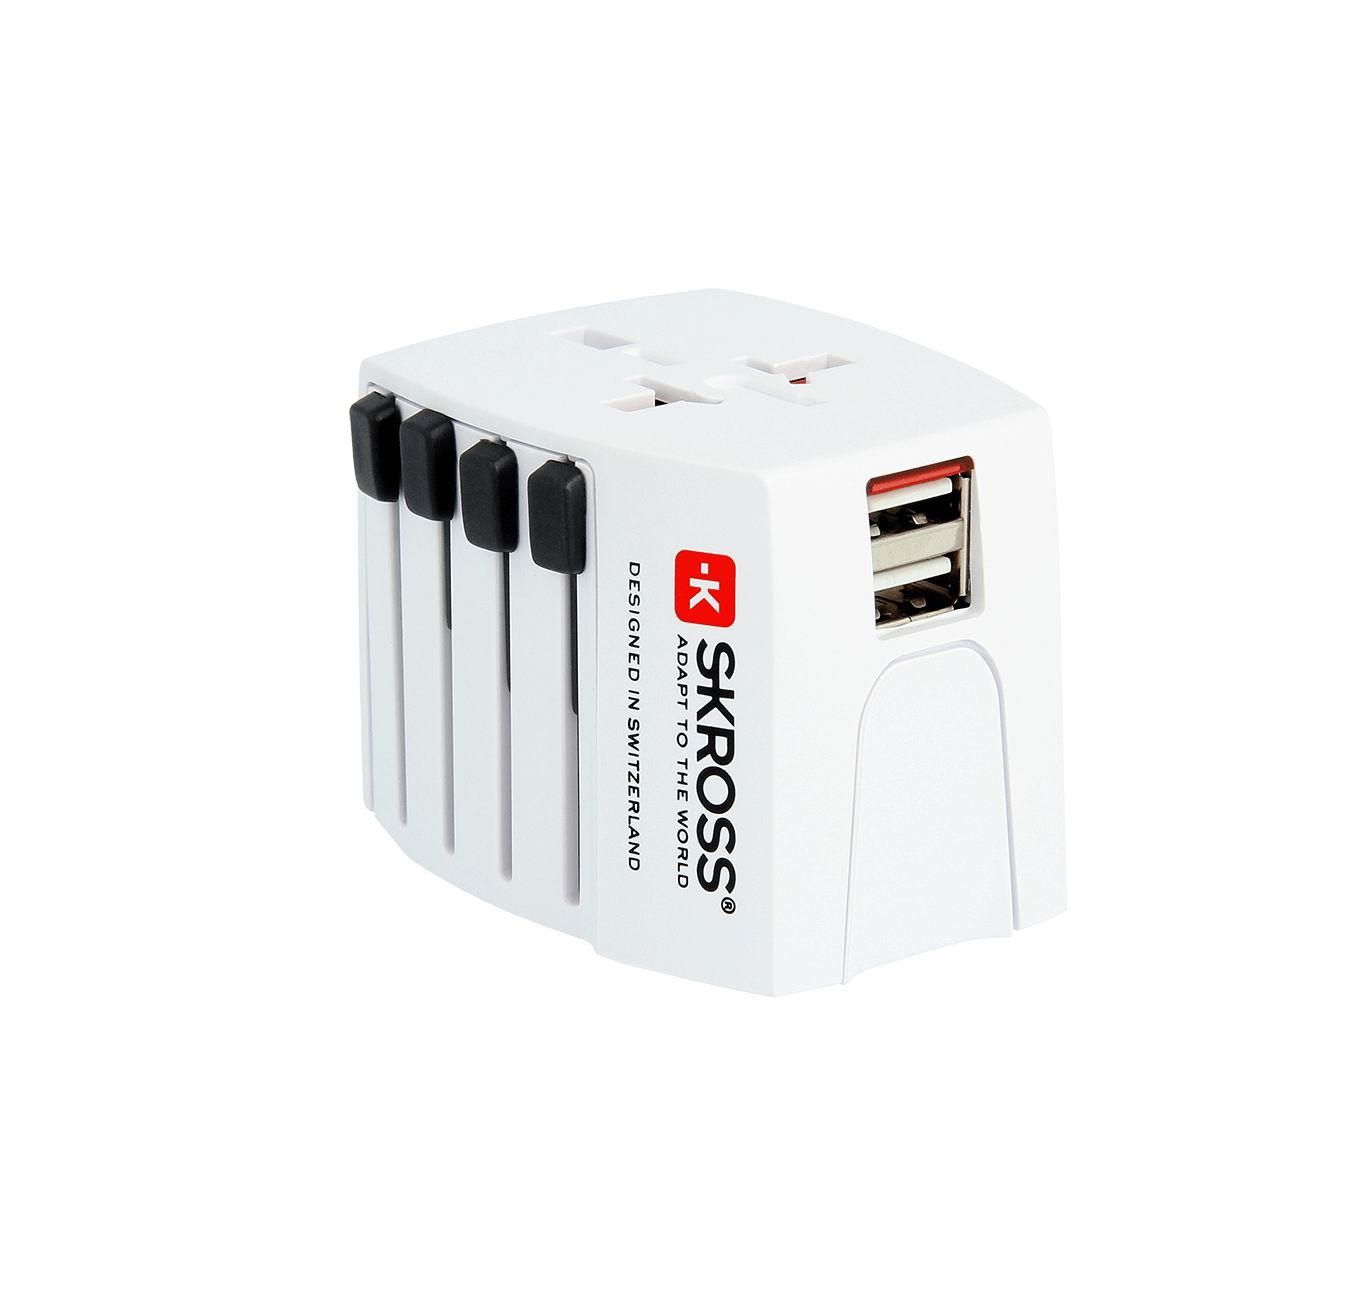 Uniwersalny adapter podróżny z ładowarką MUV USB 2.4a